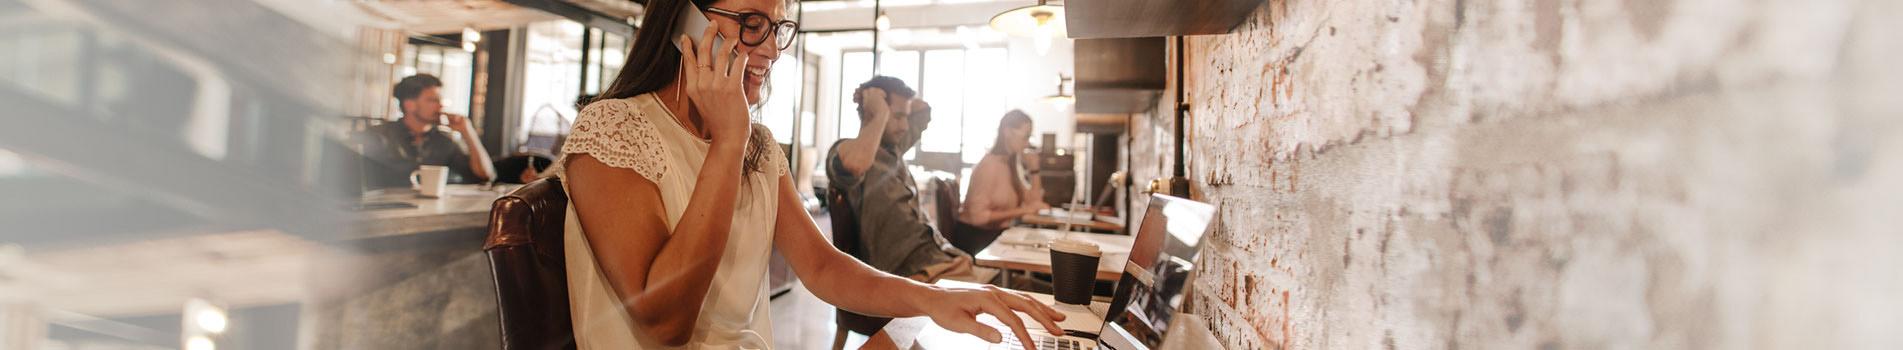 Entête eLearning jeune femme participant à une formation en ligne